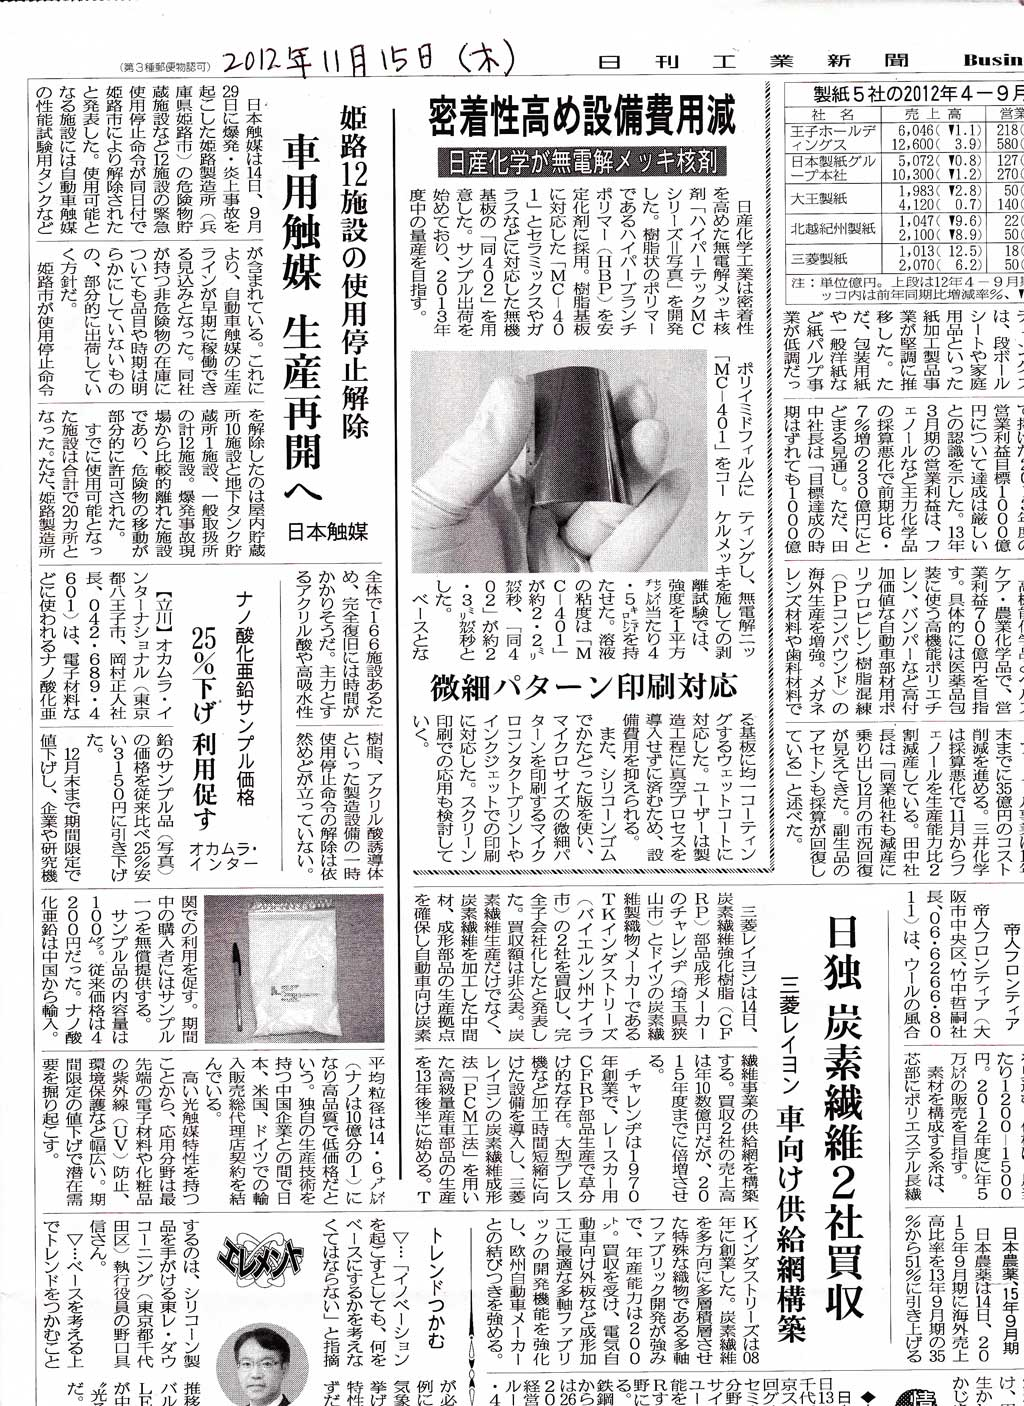 日刊工業新聞記事121115